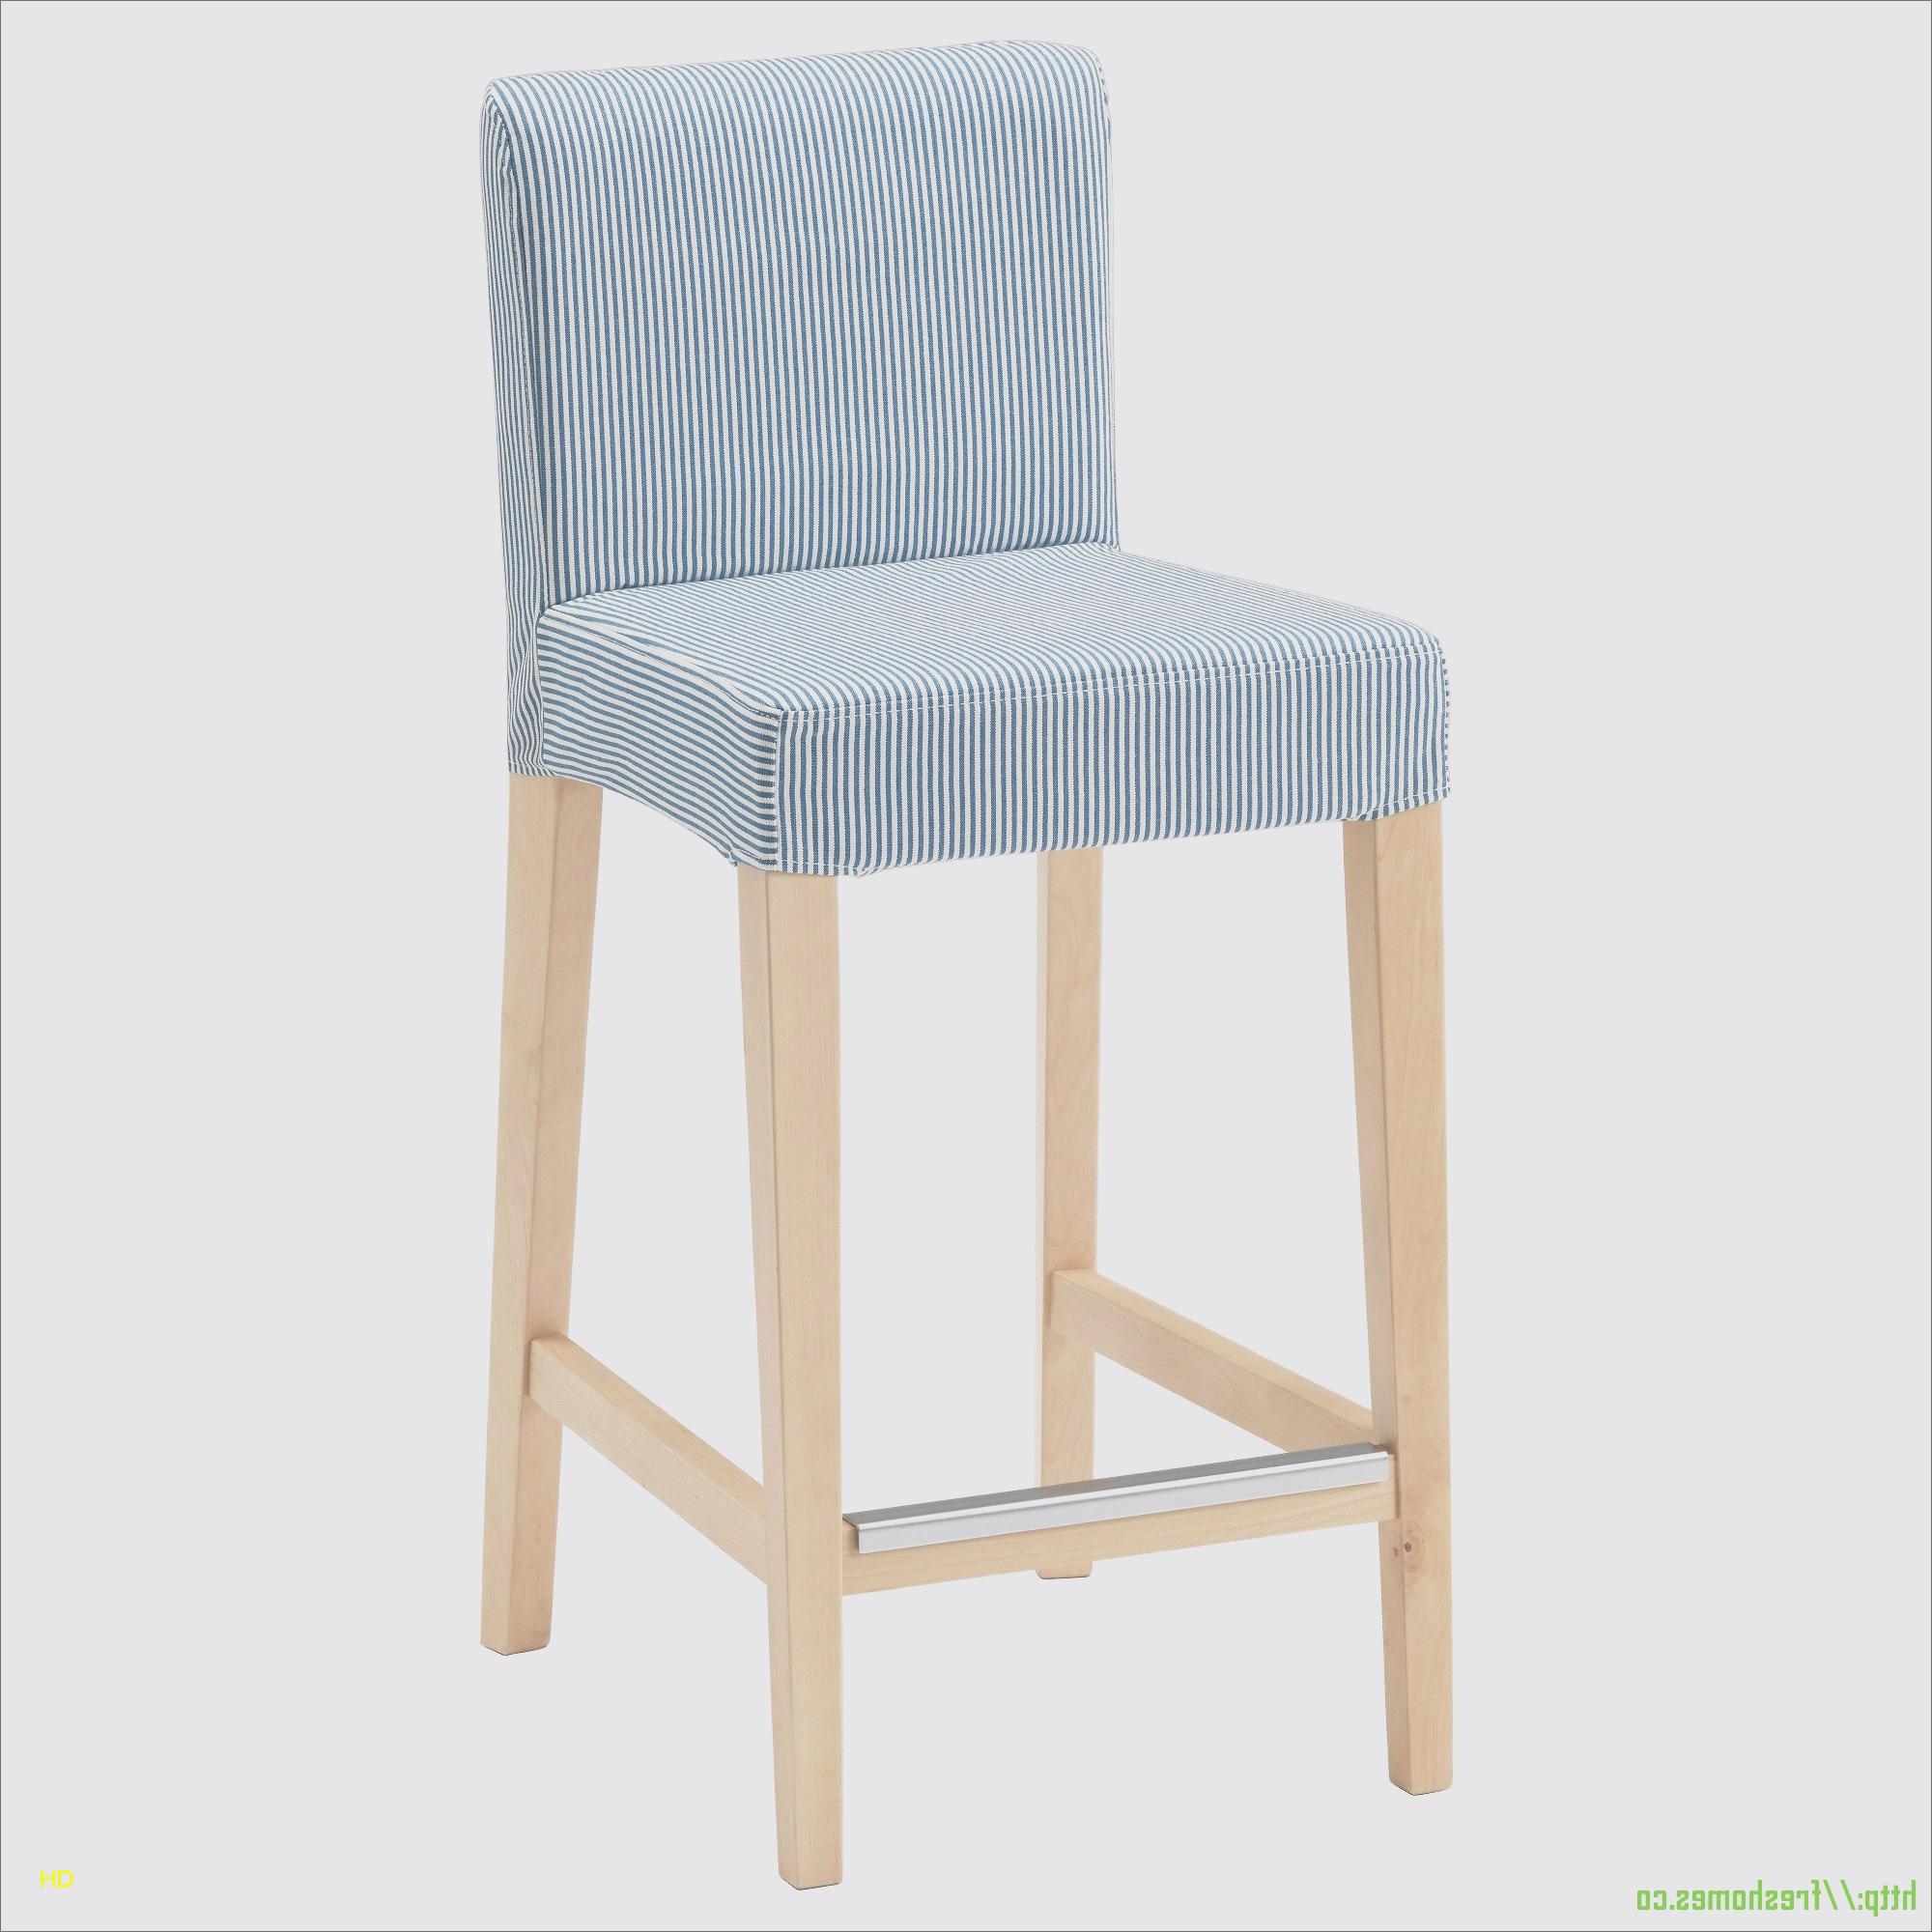 Douche Italienne Ikea Meilleur De Photos Douche Italienne De Luxe Frais Lit Design Italien Unique Chambre